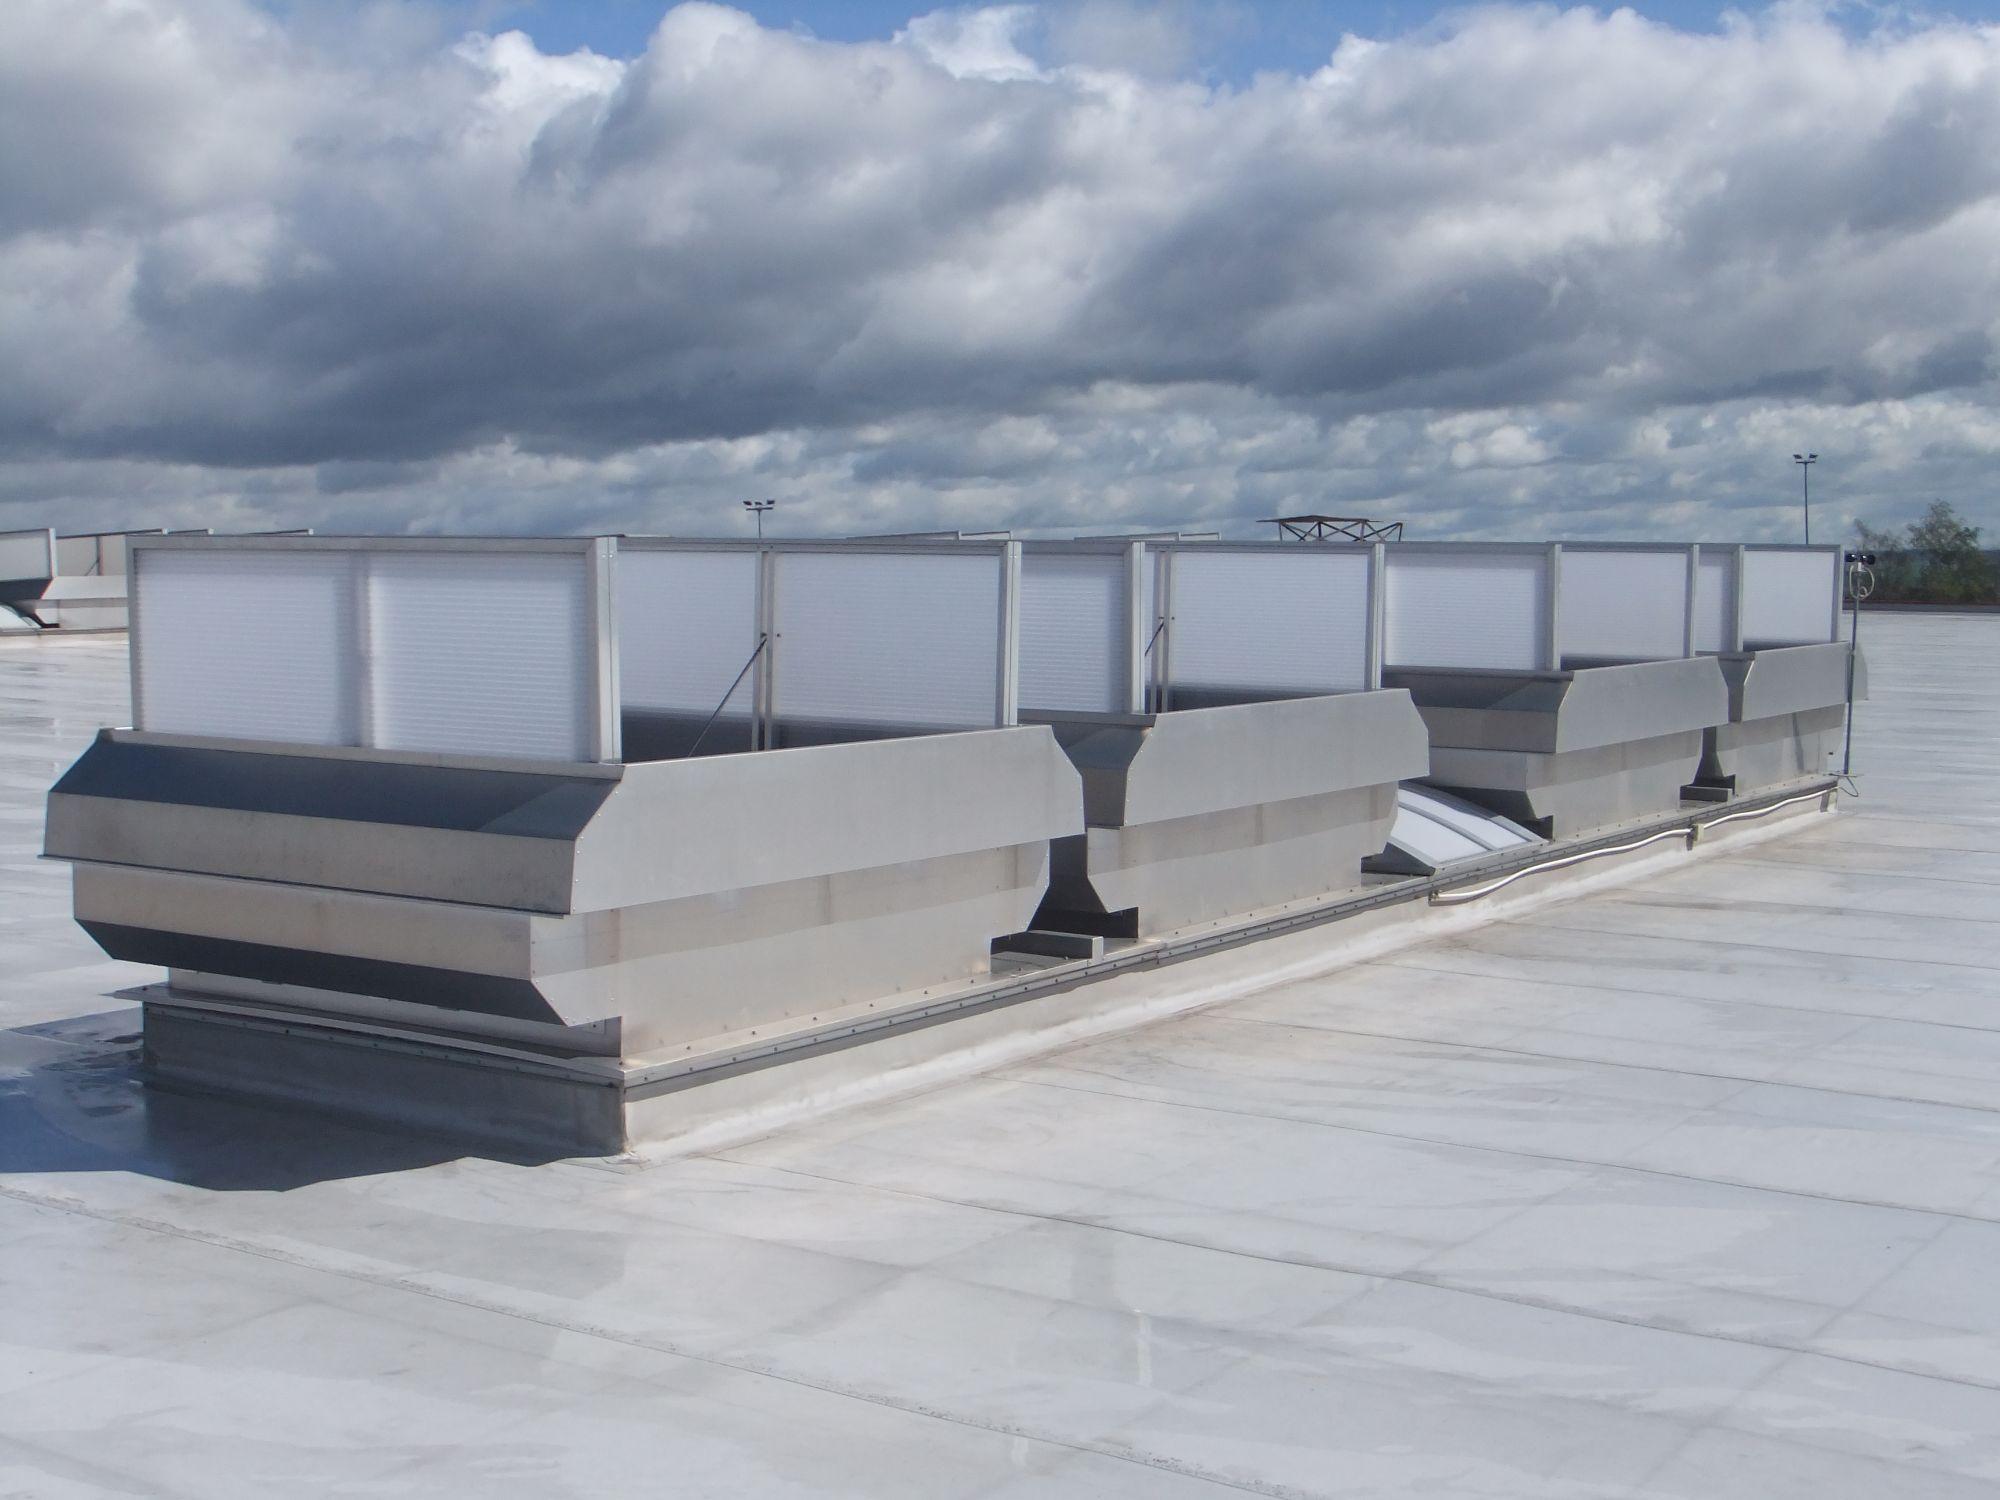 Permax: Funktionslüftungssockel für die wettergeschützte Permanentlüftung im Industriebau